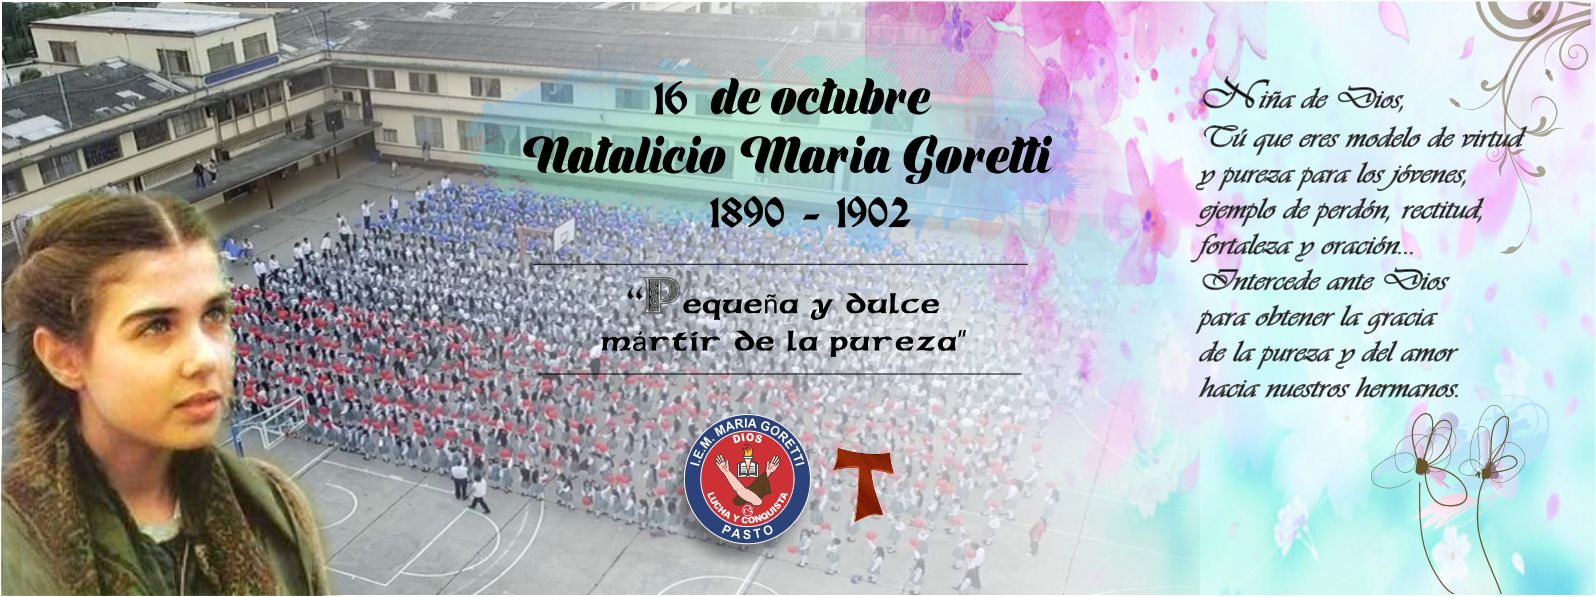 Natalicio St. María Goretti